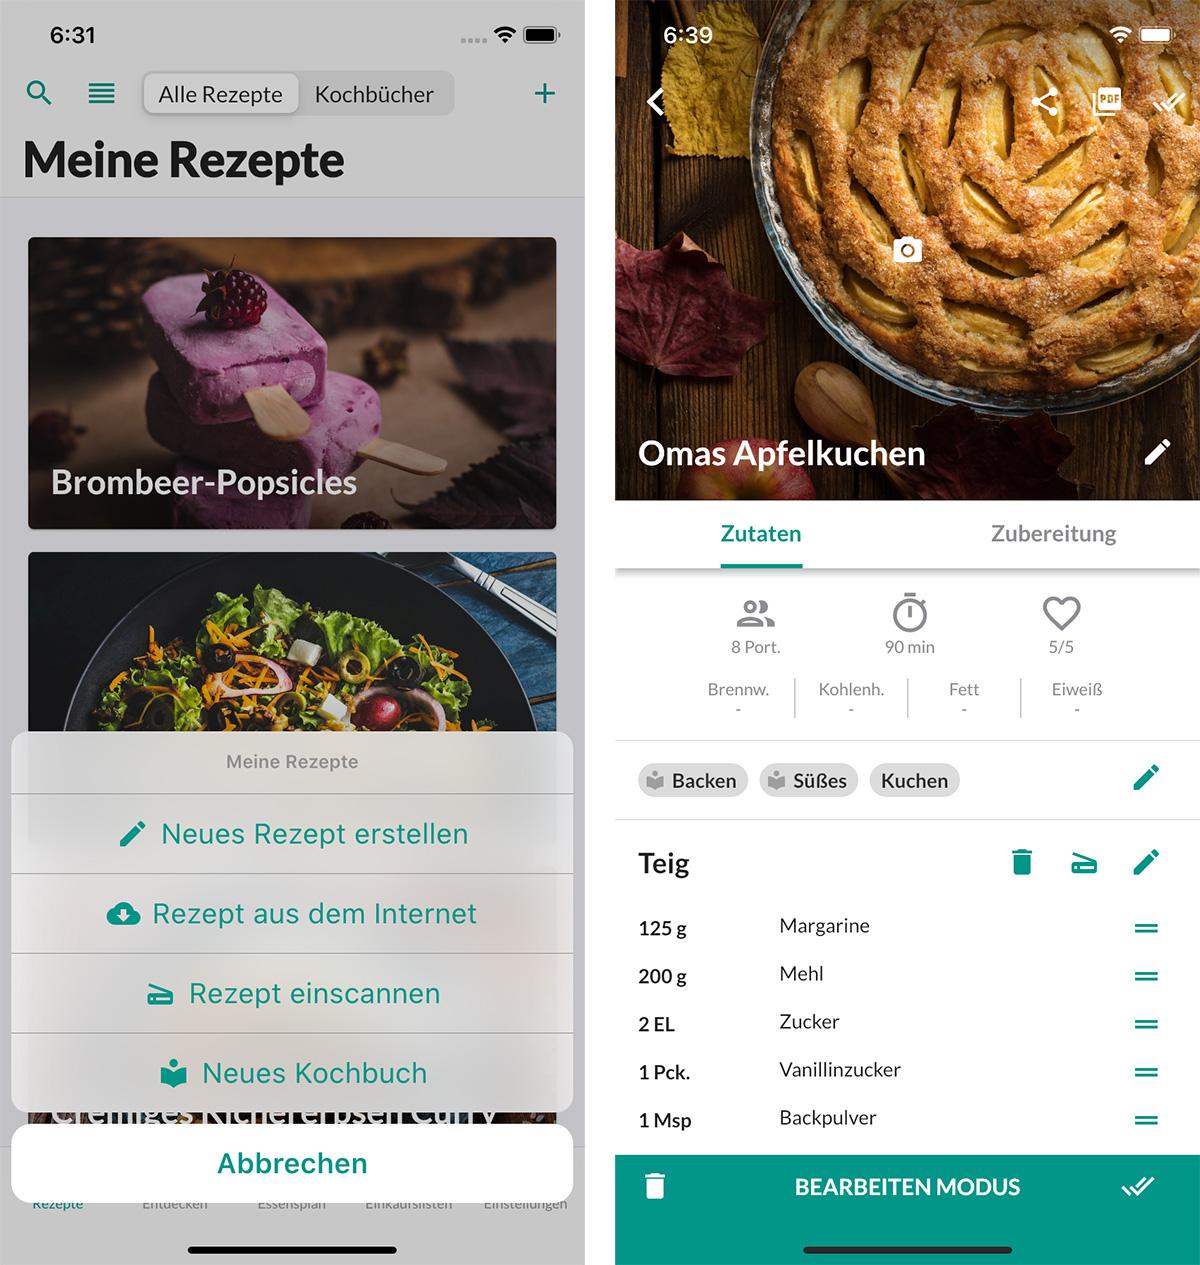 Koerbchen App Rezeptsammlung Iphone